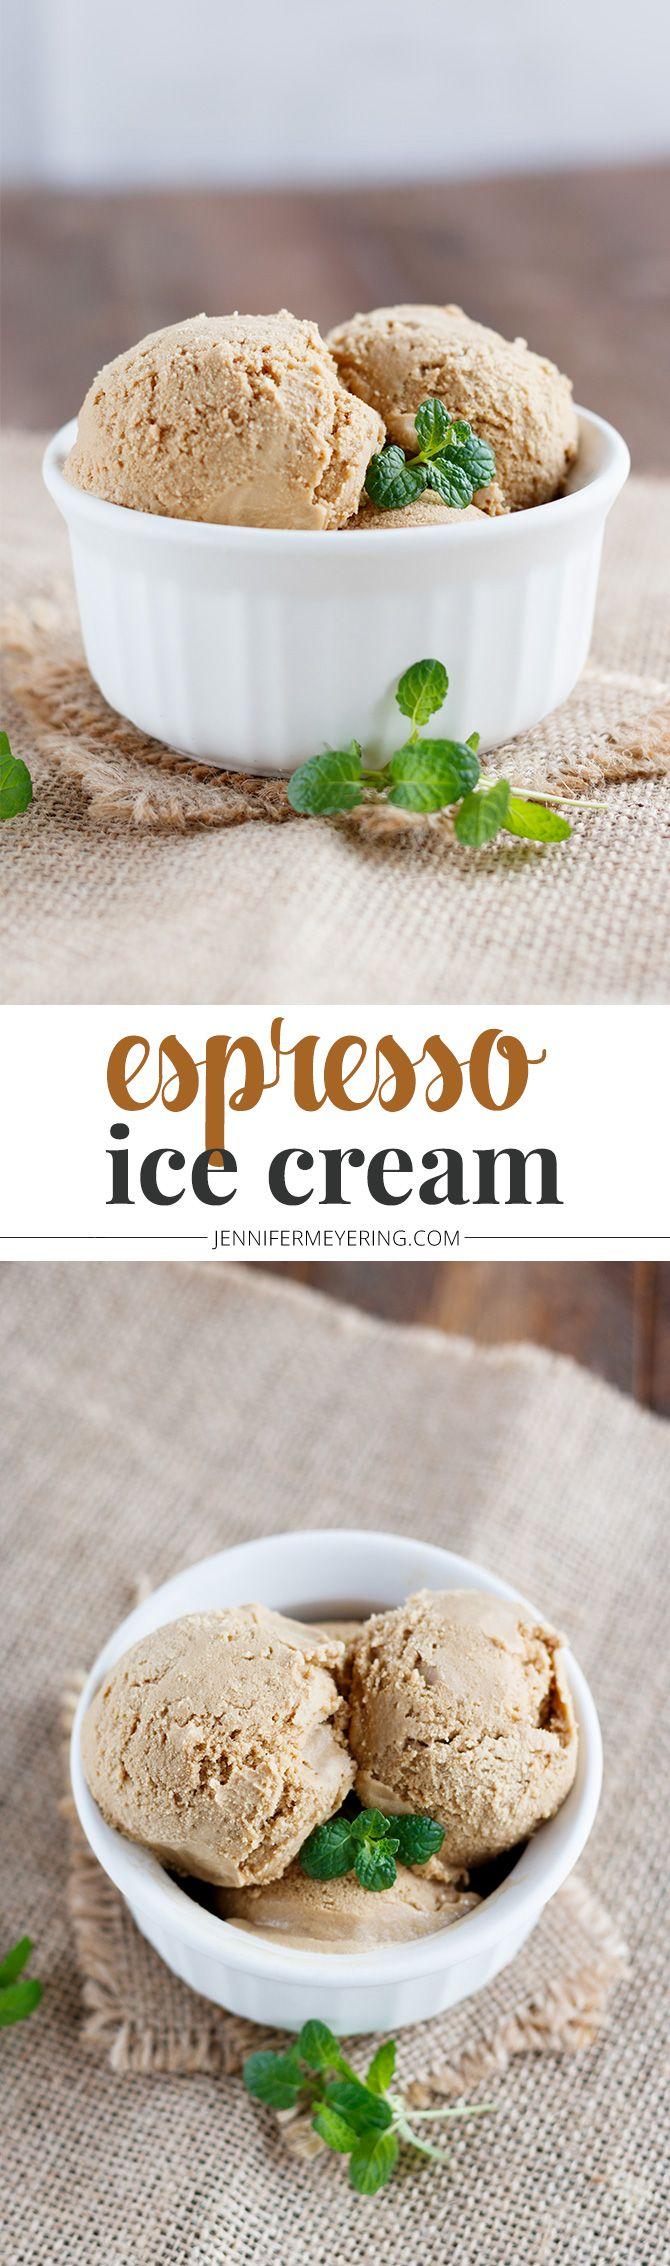 Espresso Ice Cream - JenniferMeyering.com